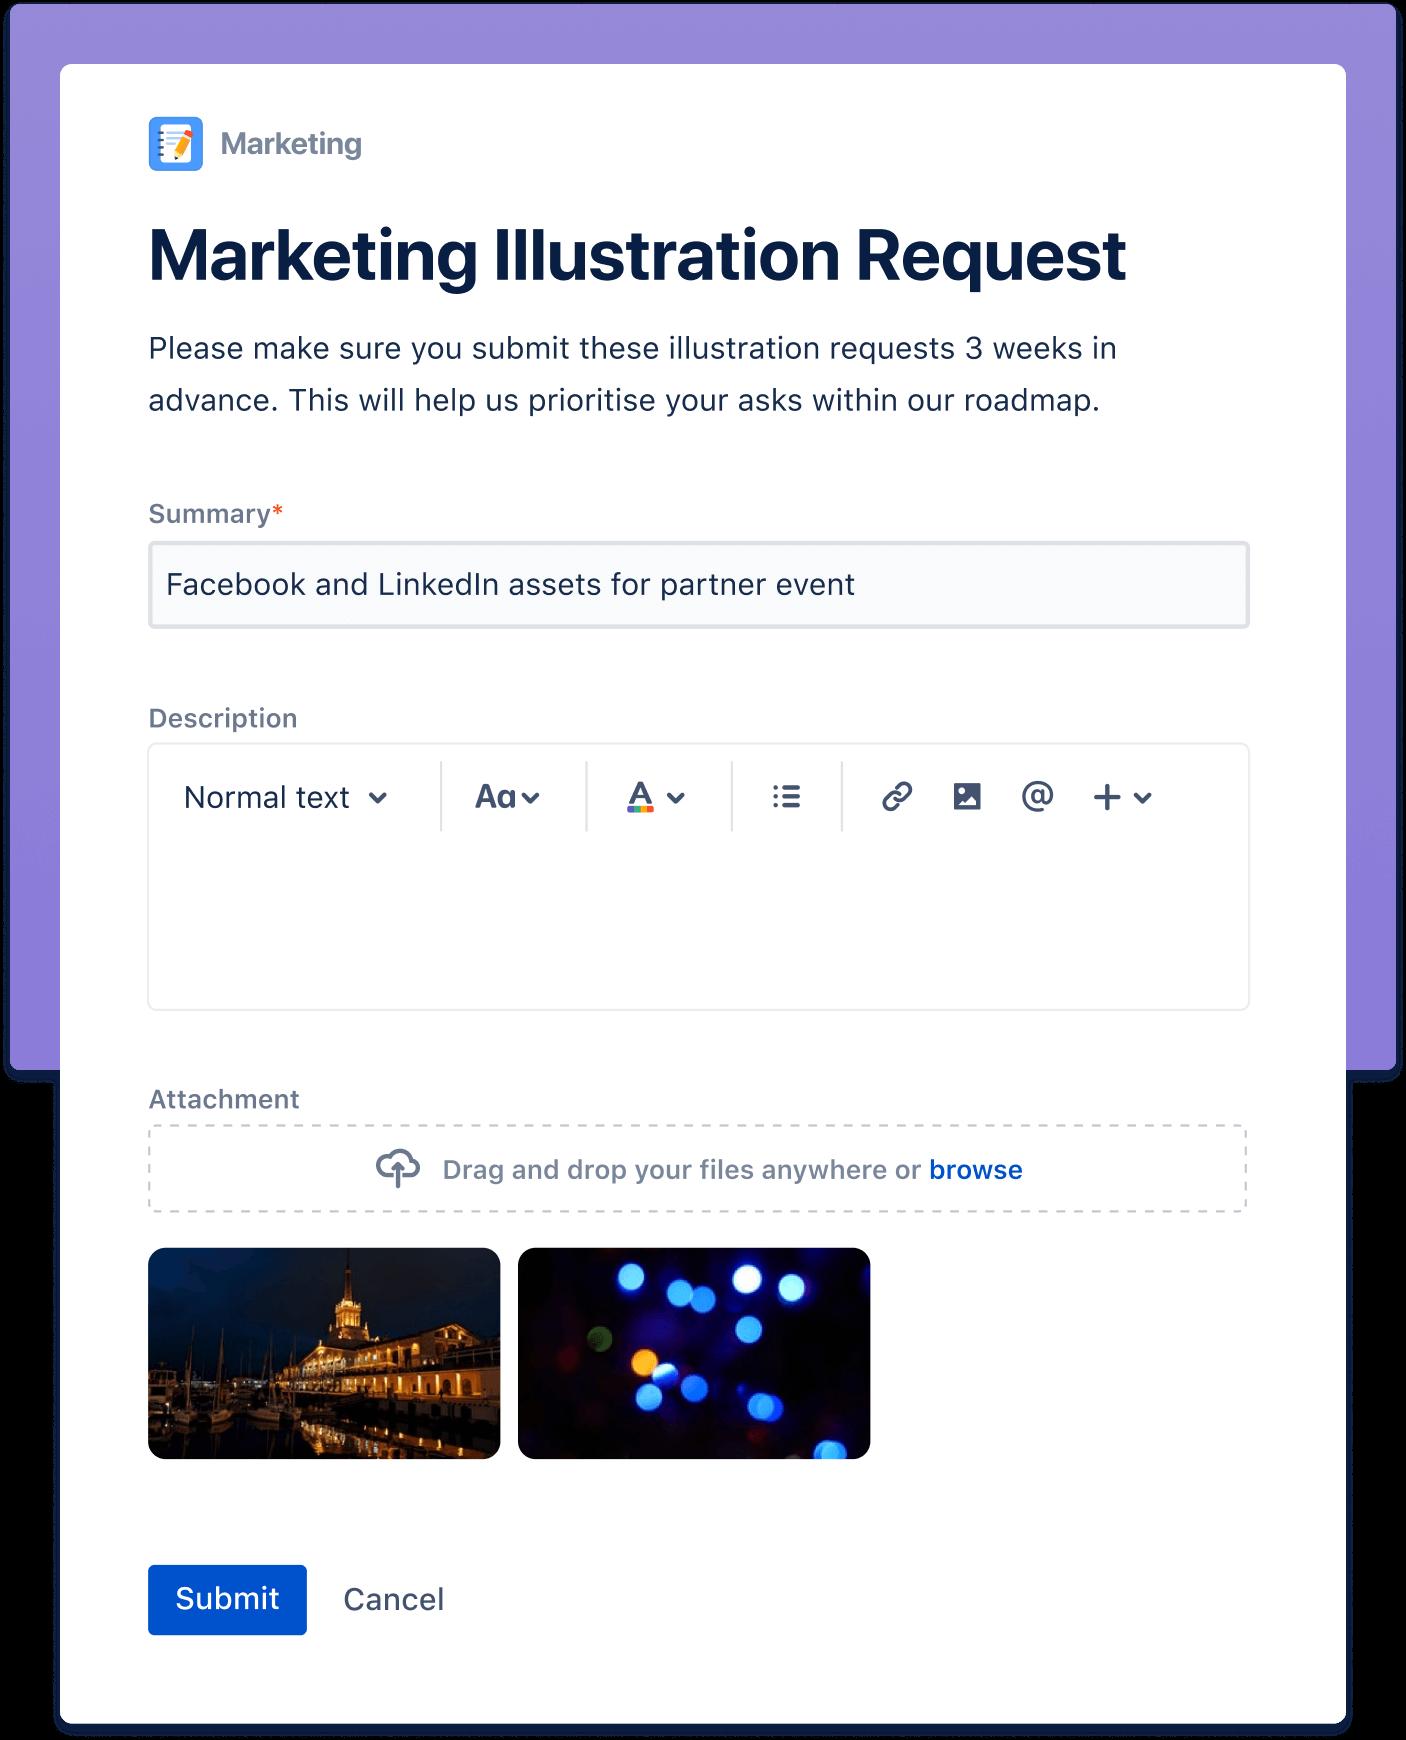 간단한 작업 요청 수집 화면